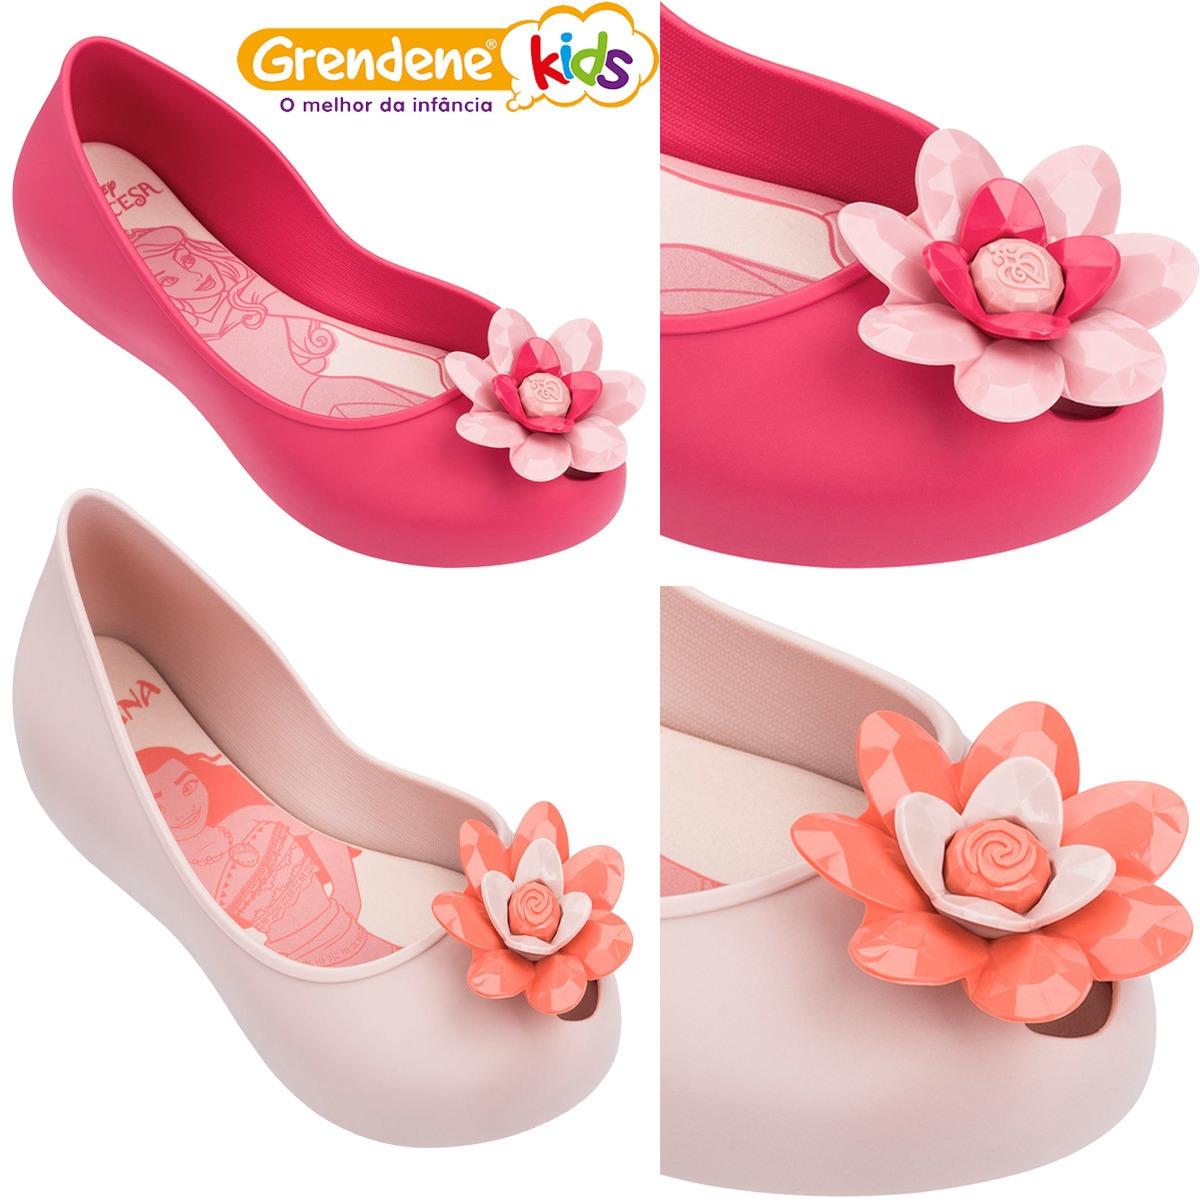 05efb63142 sapatilha princesas moana grendene kids calçado infantil. Carregando zoom.